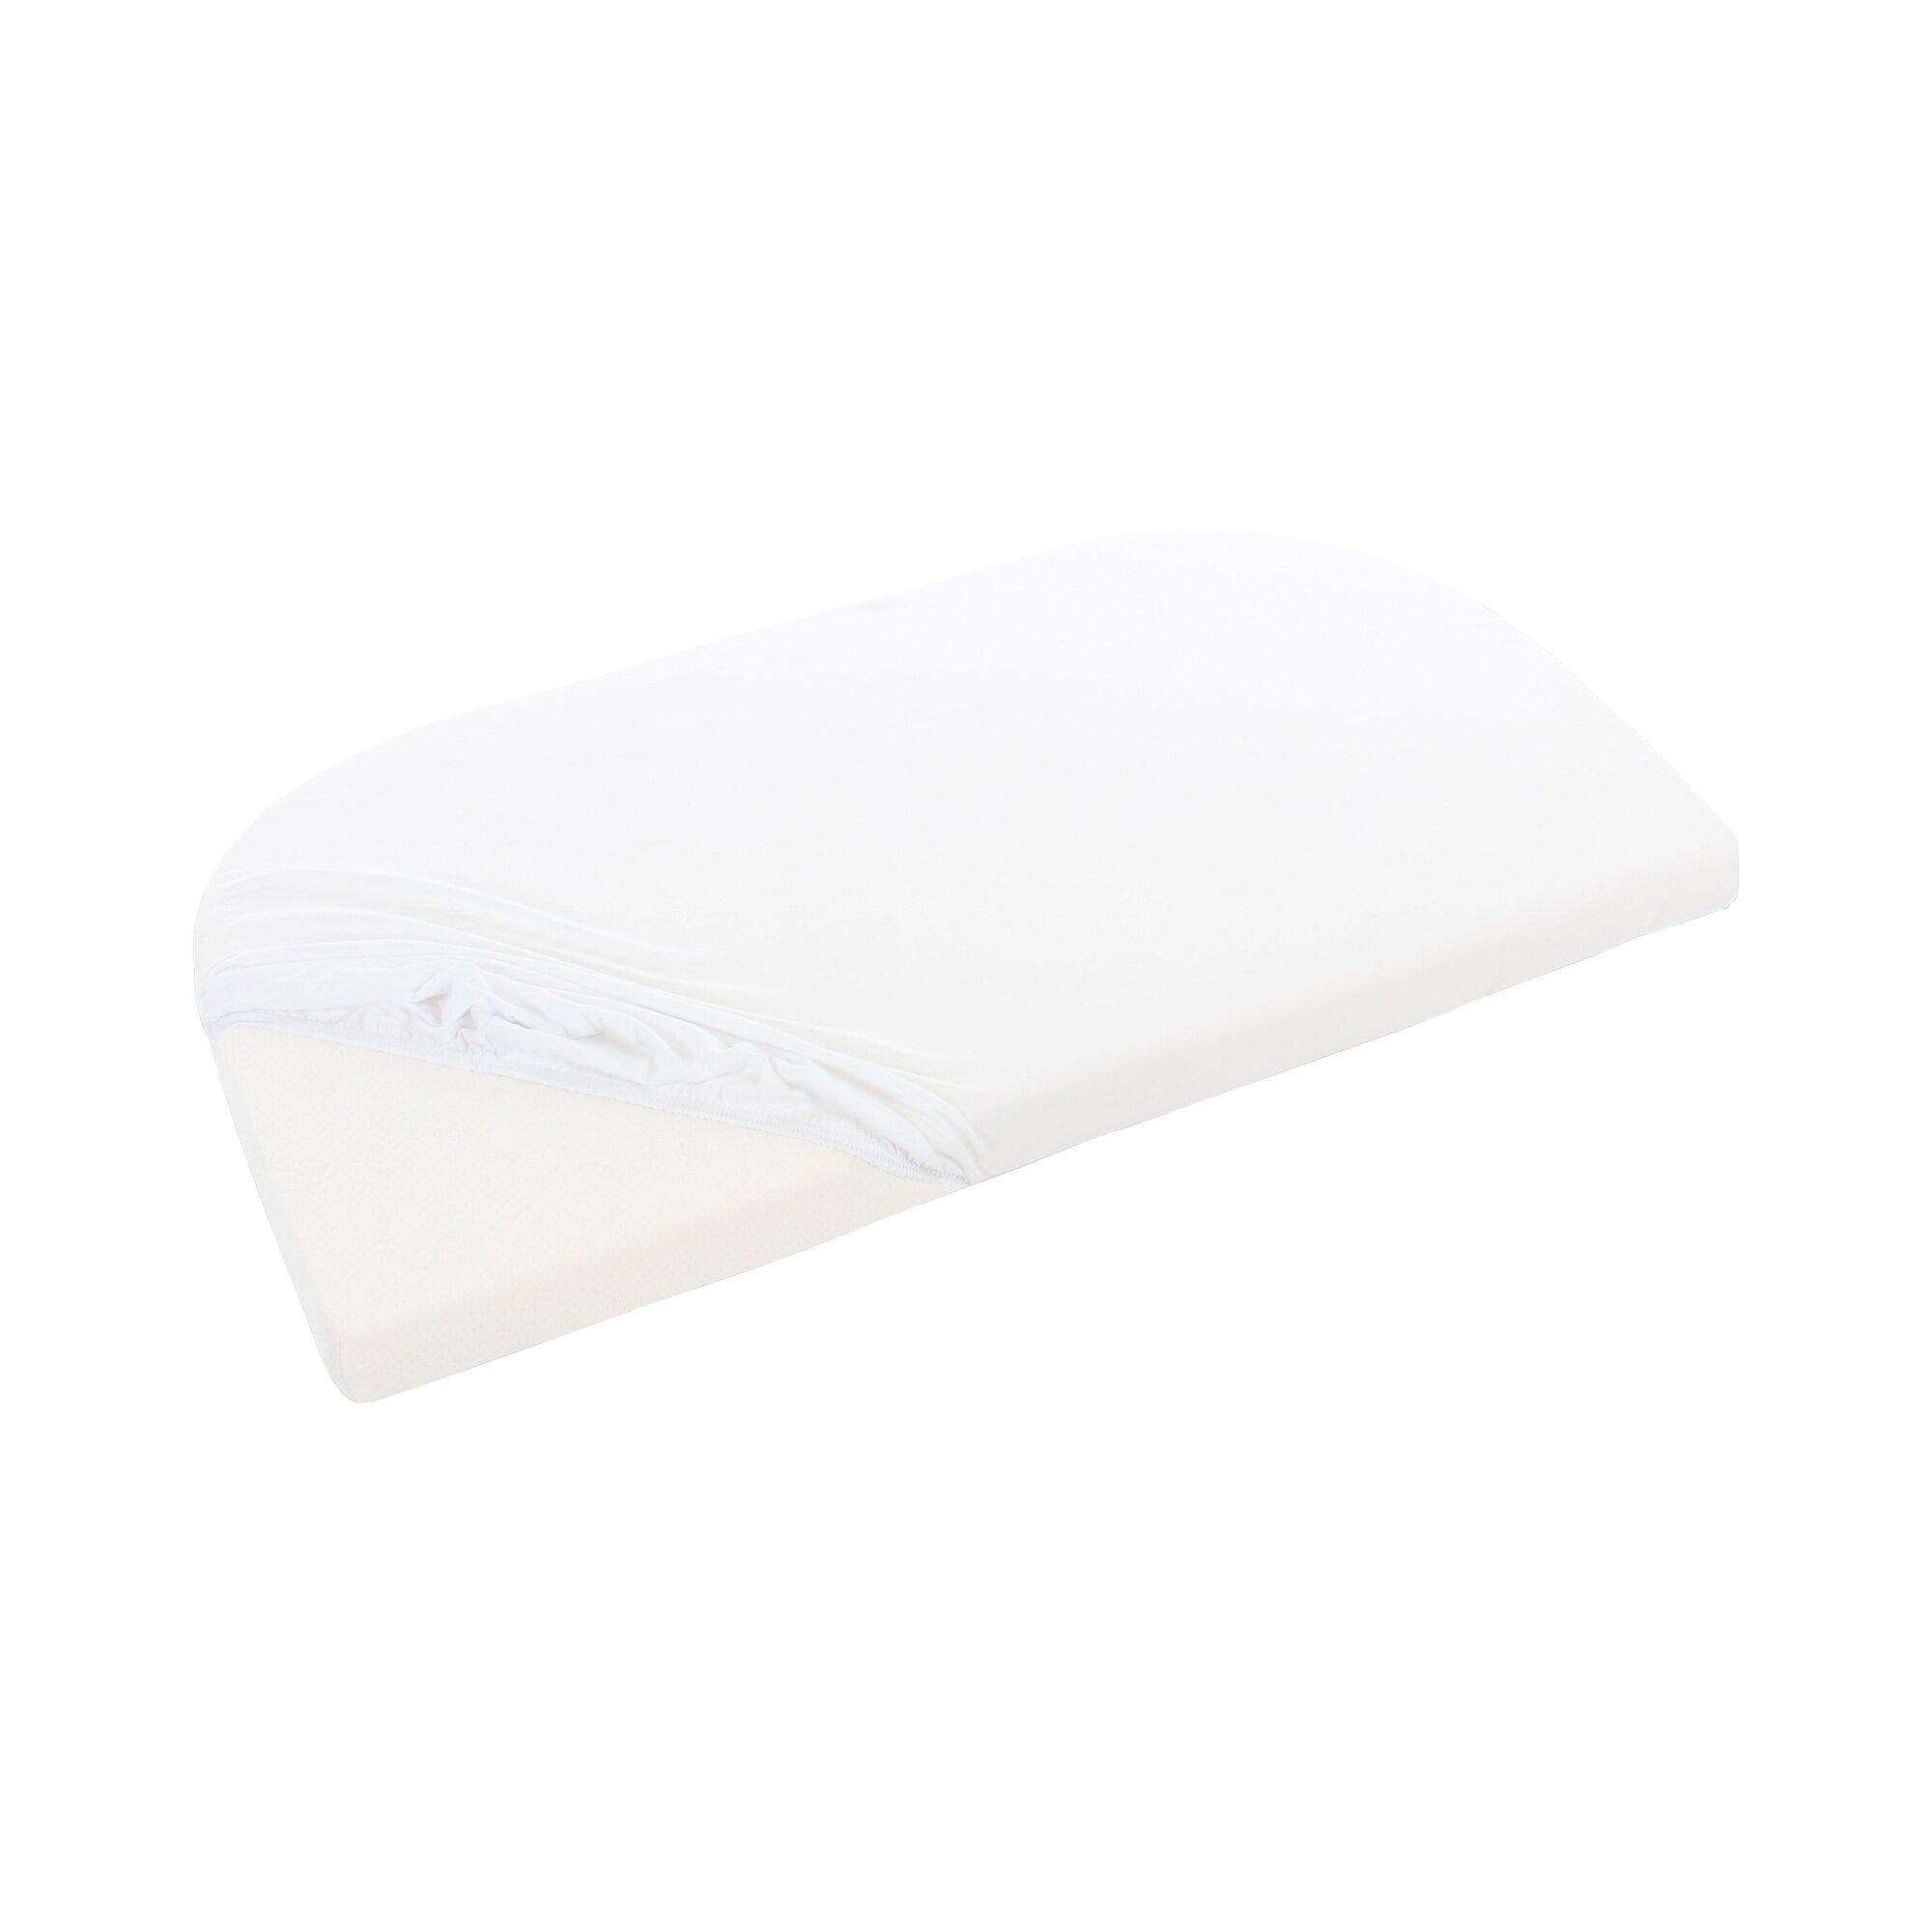 Babybay® Jersey-Spannbetttuch Maxi XXL 89x70 cm weiss Preisvergleich